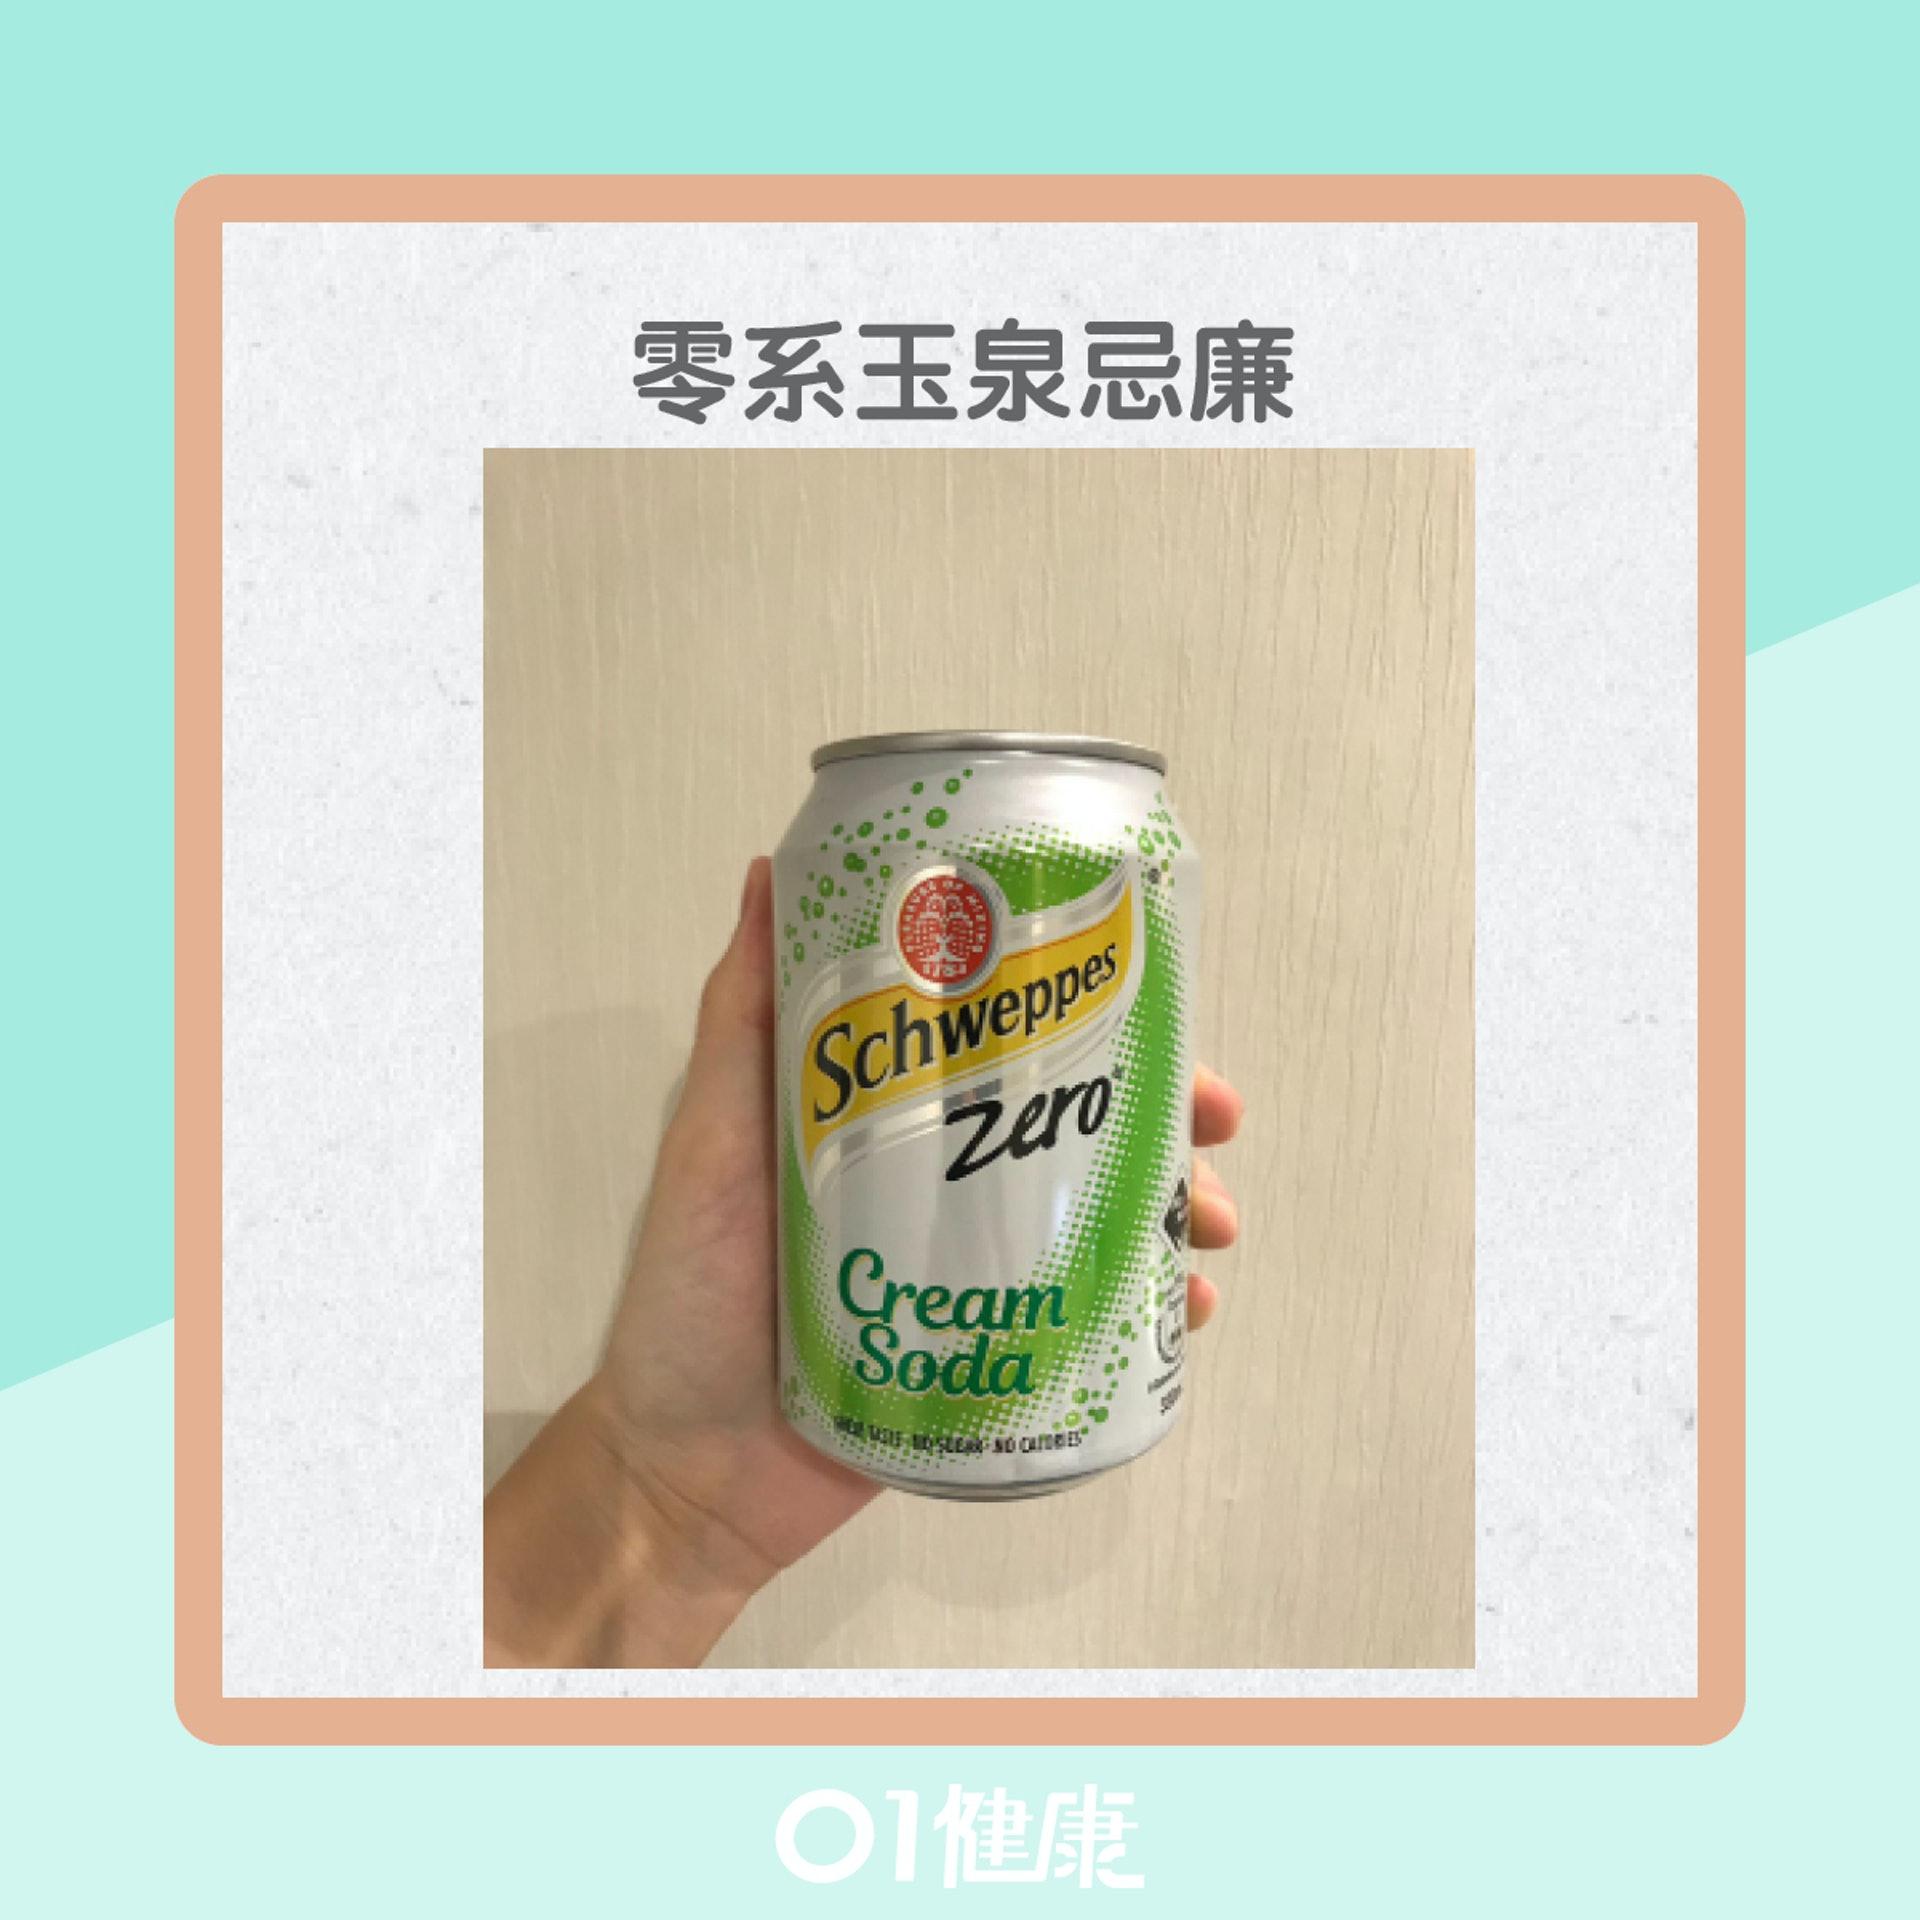 有汽飲品(01製圖)